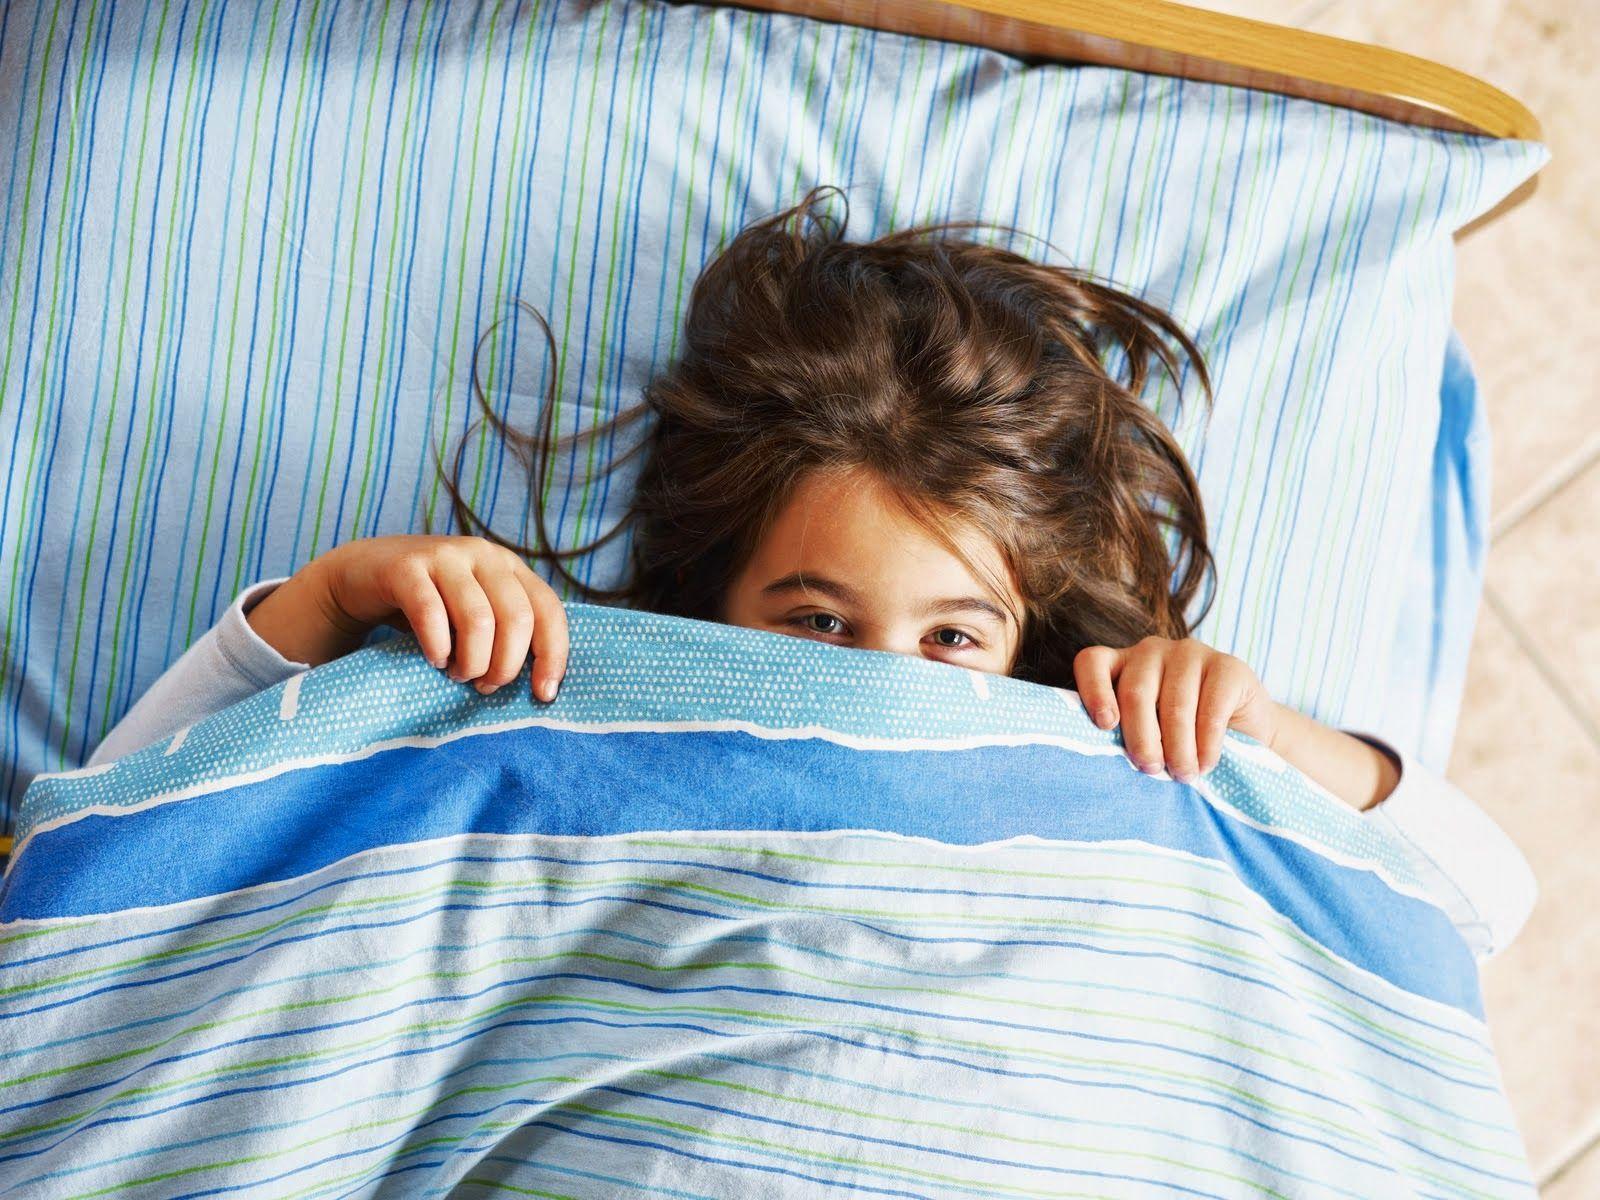 El pis en la cama puede ser un tema serio